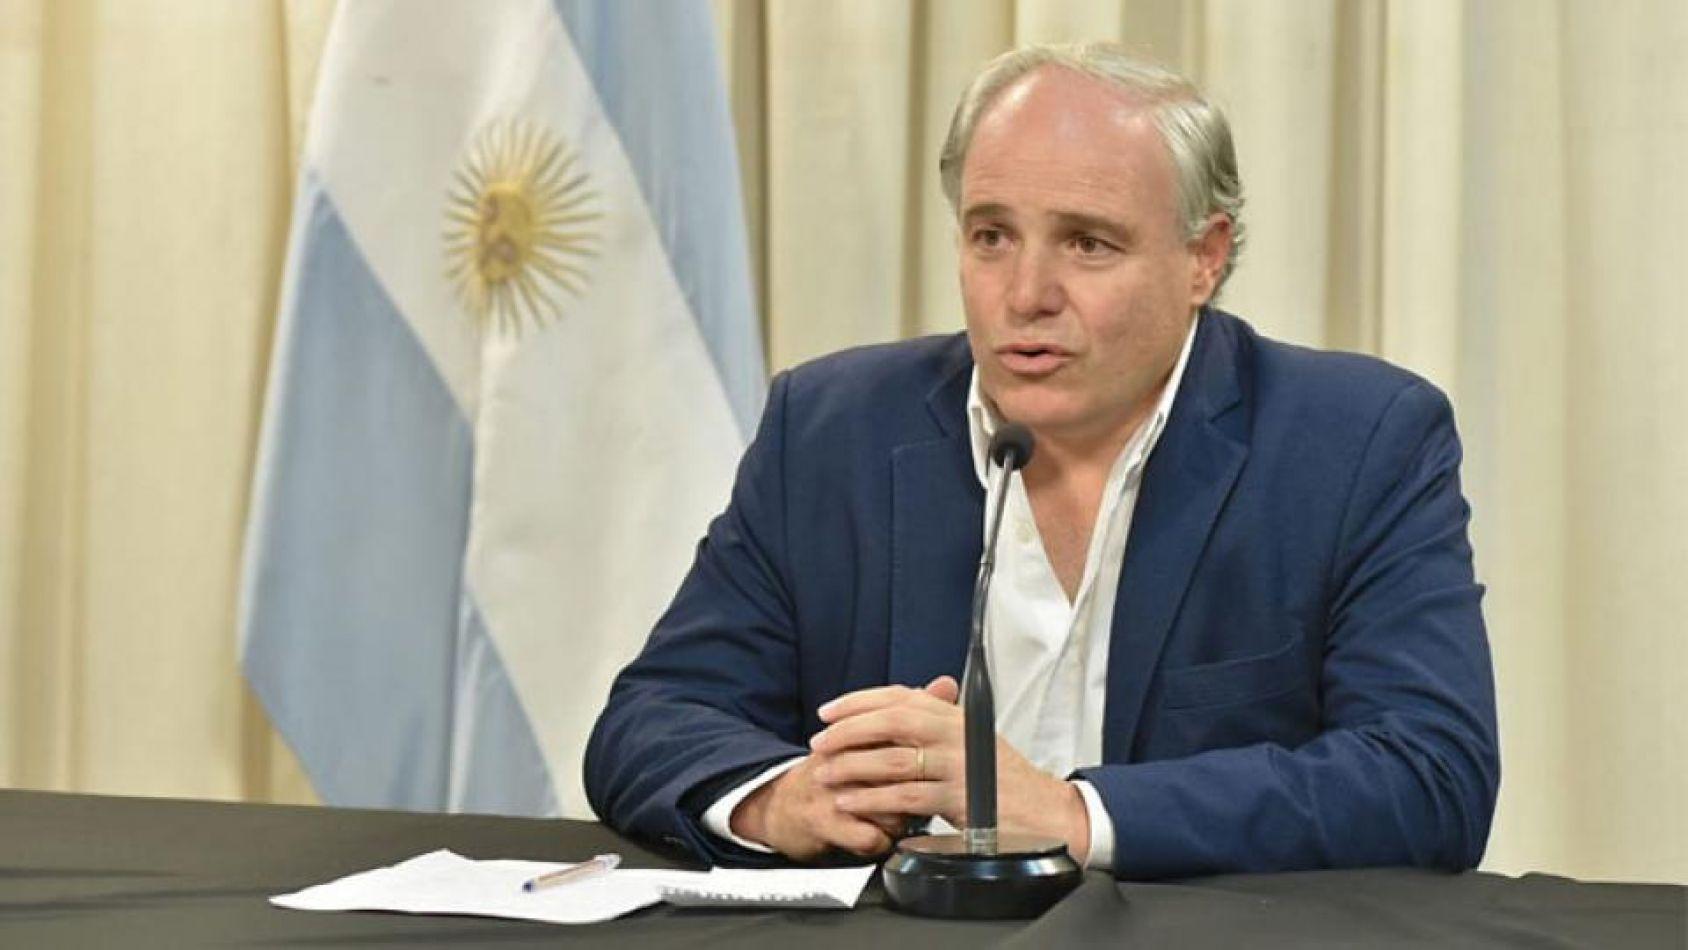 Cánepa dijo que Salta no está en condiciones de suspender la presencialidad de las clases